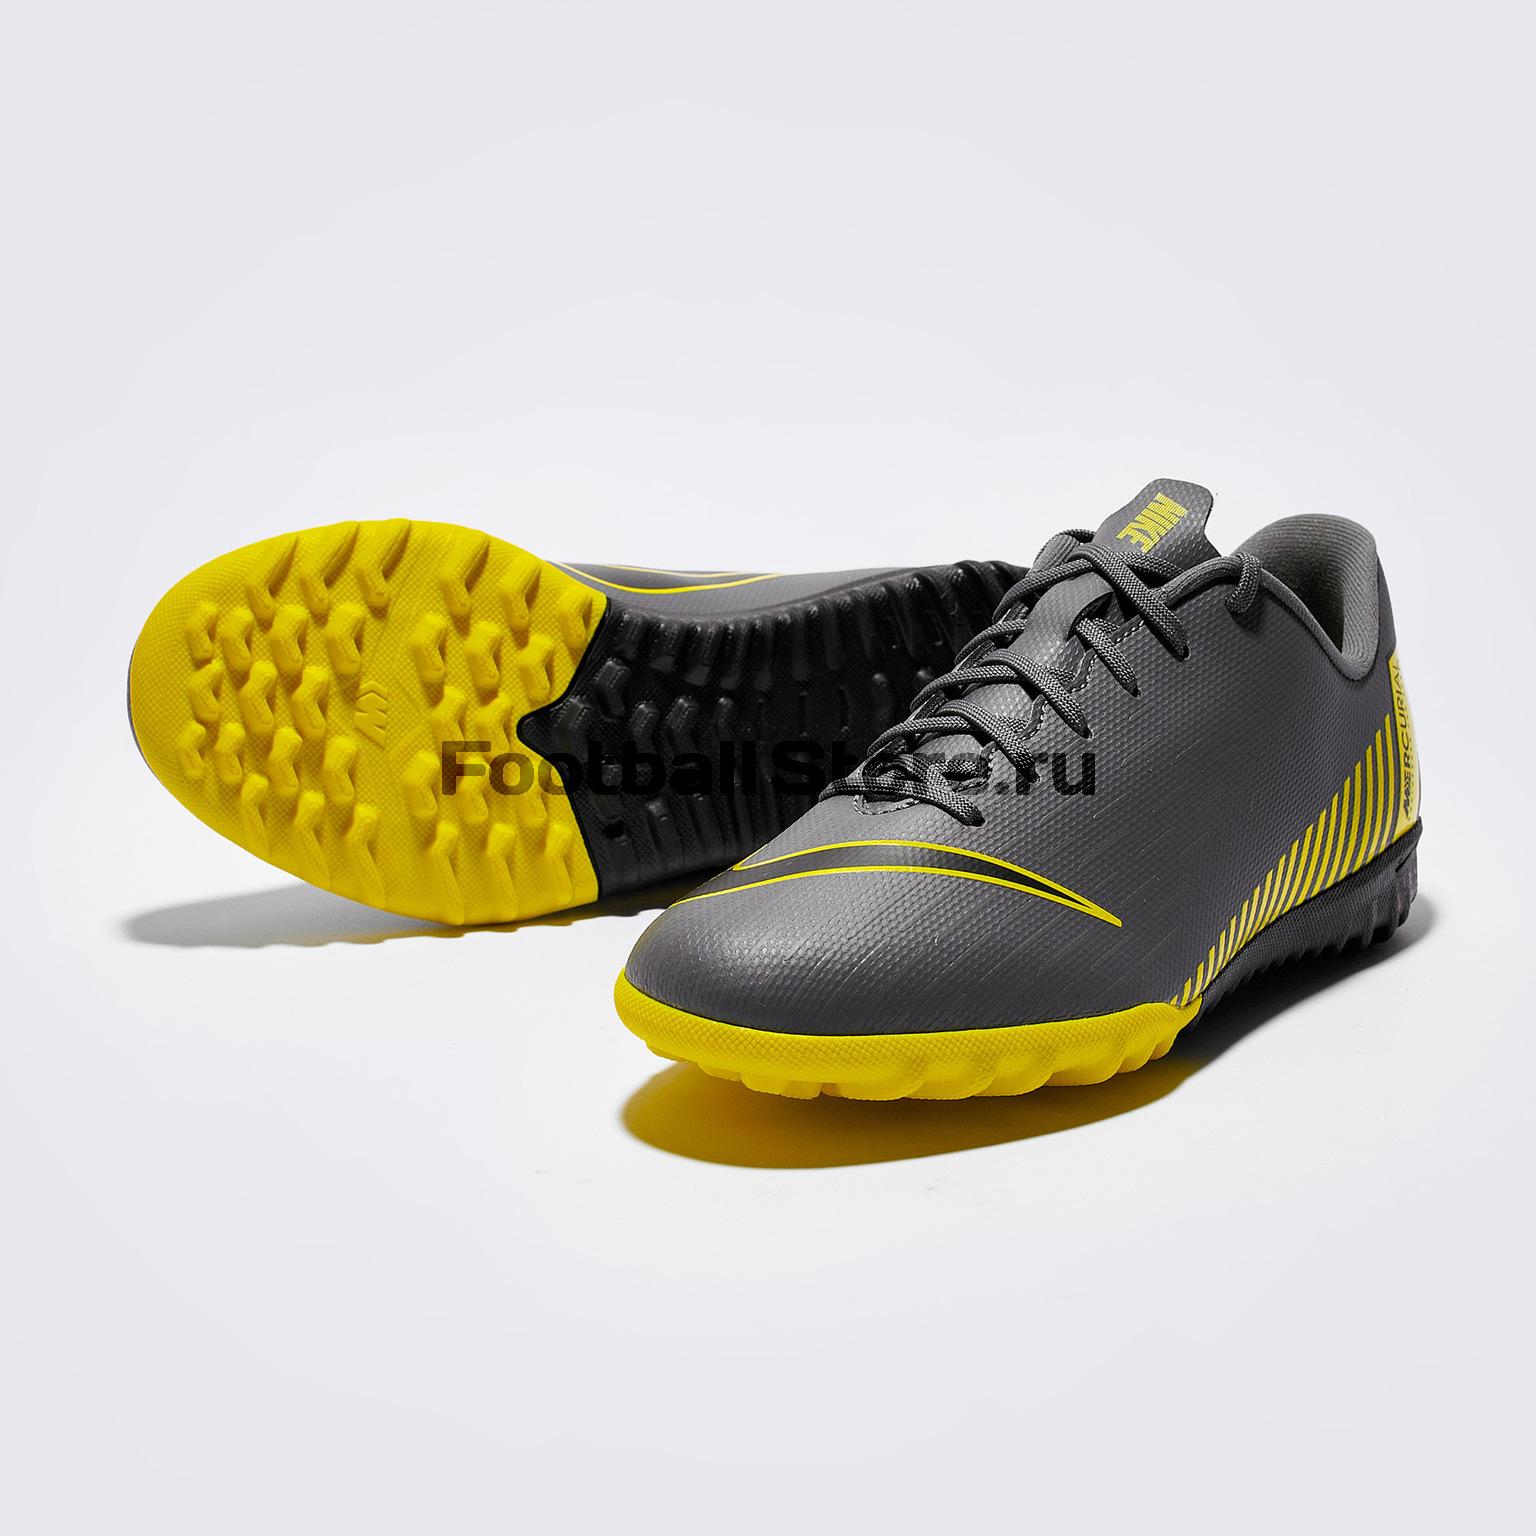 Шиповки детские Nike Vapor 12 Academy GS TF AH7342-070 бутсы детские nike vapor 12 academy gs fg mg ah7347 070